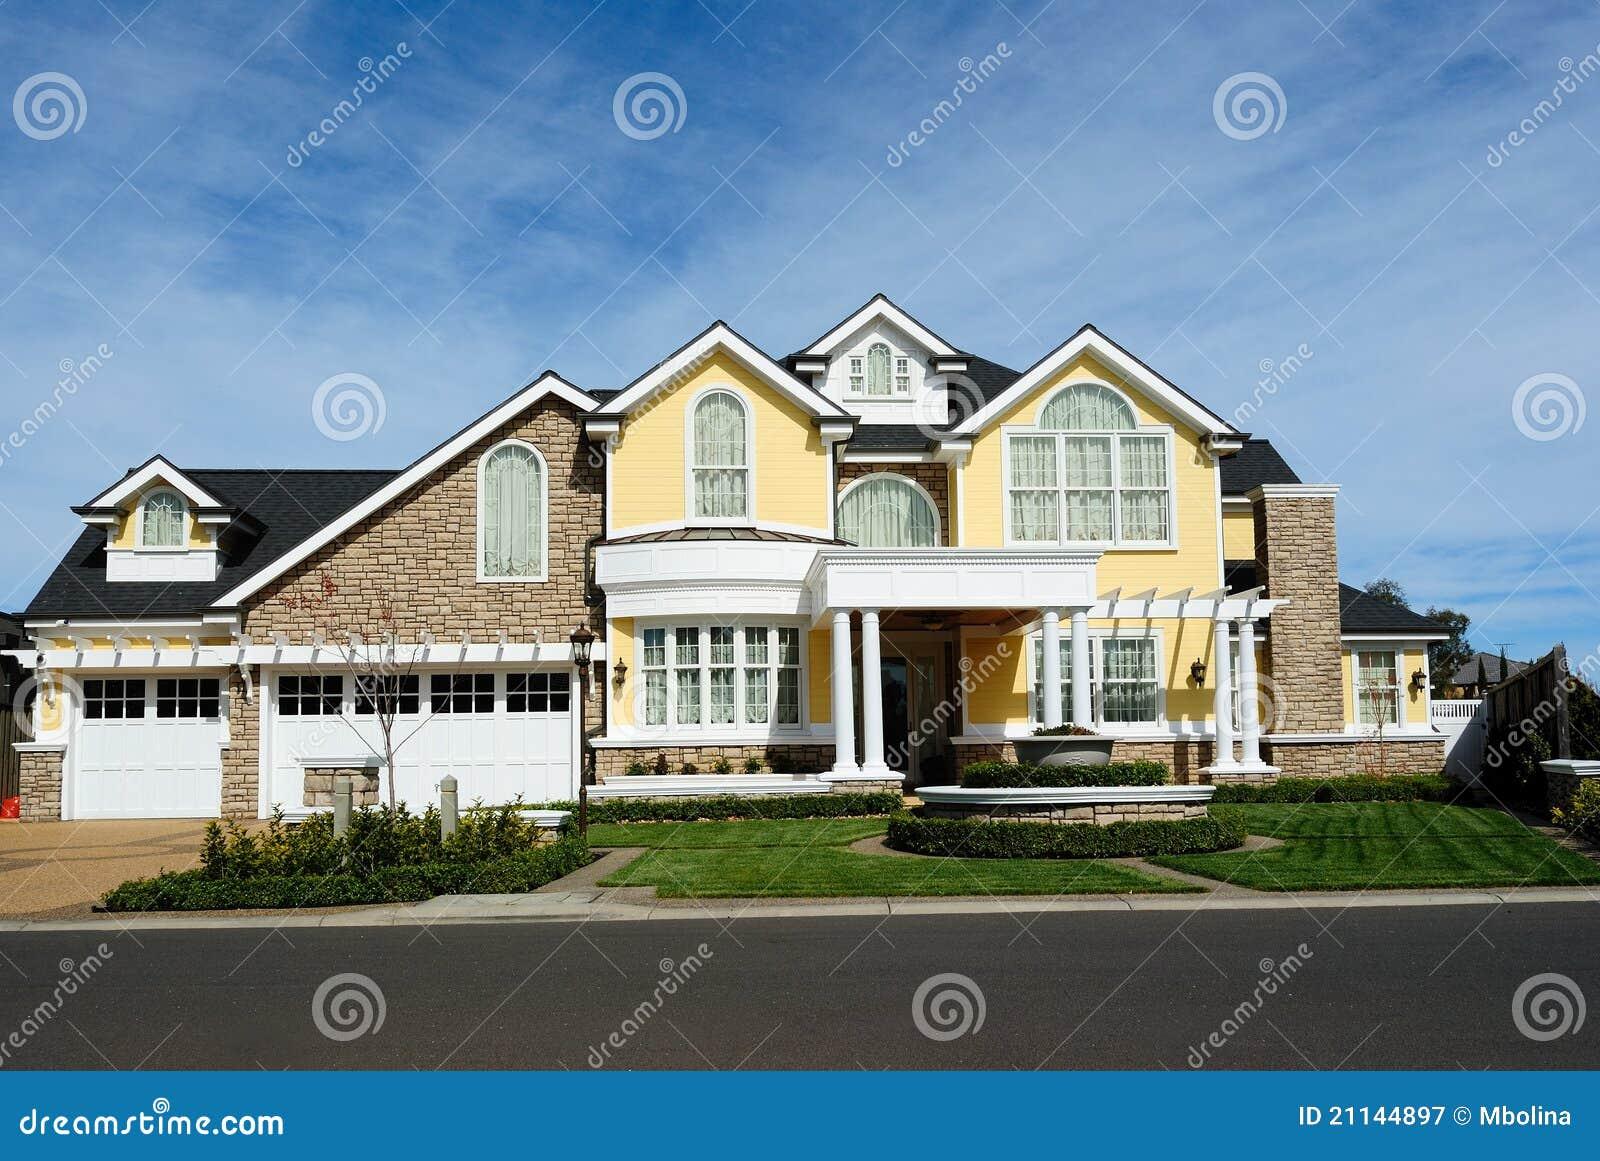 Architecture de luxe moderne de maison photographie stock libre de ...